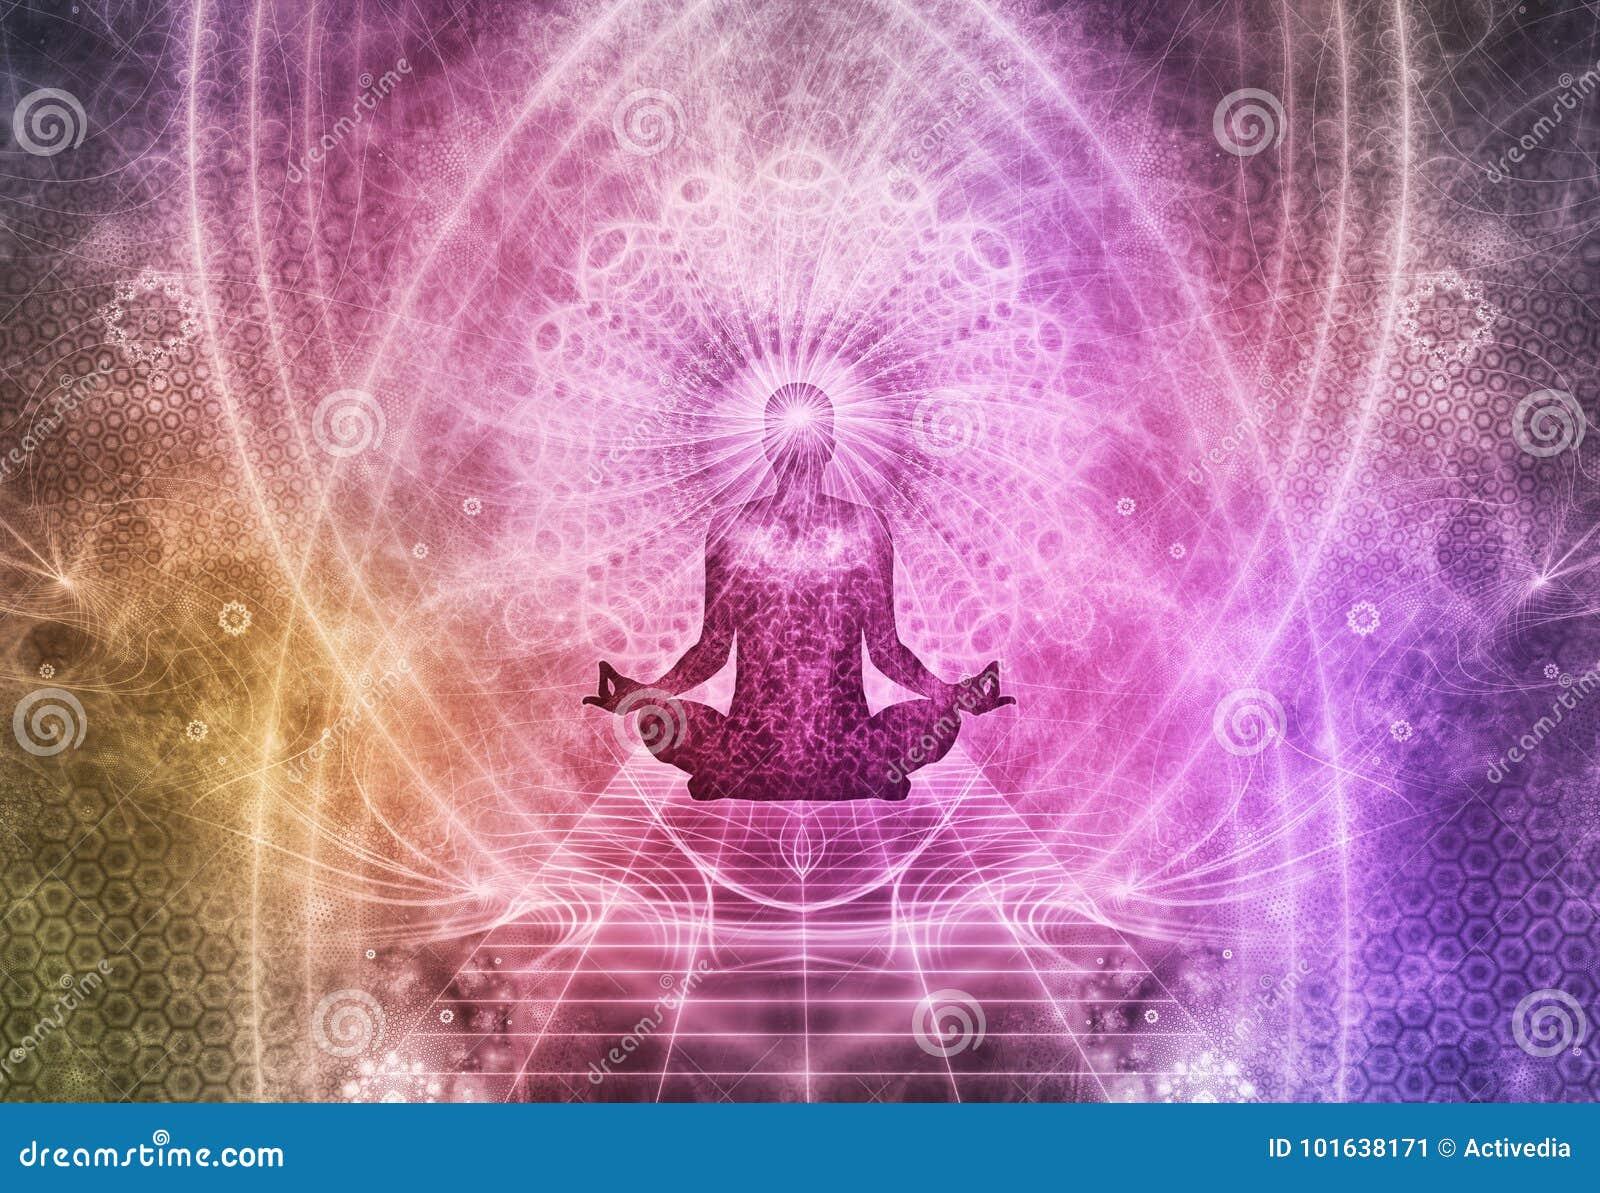 Meditation Abstract Spiritualism Yoga Concept